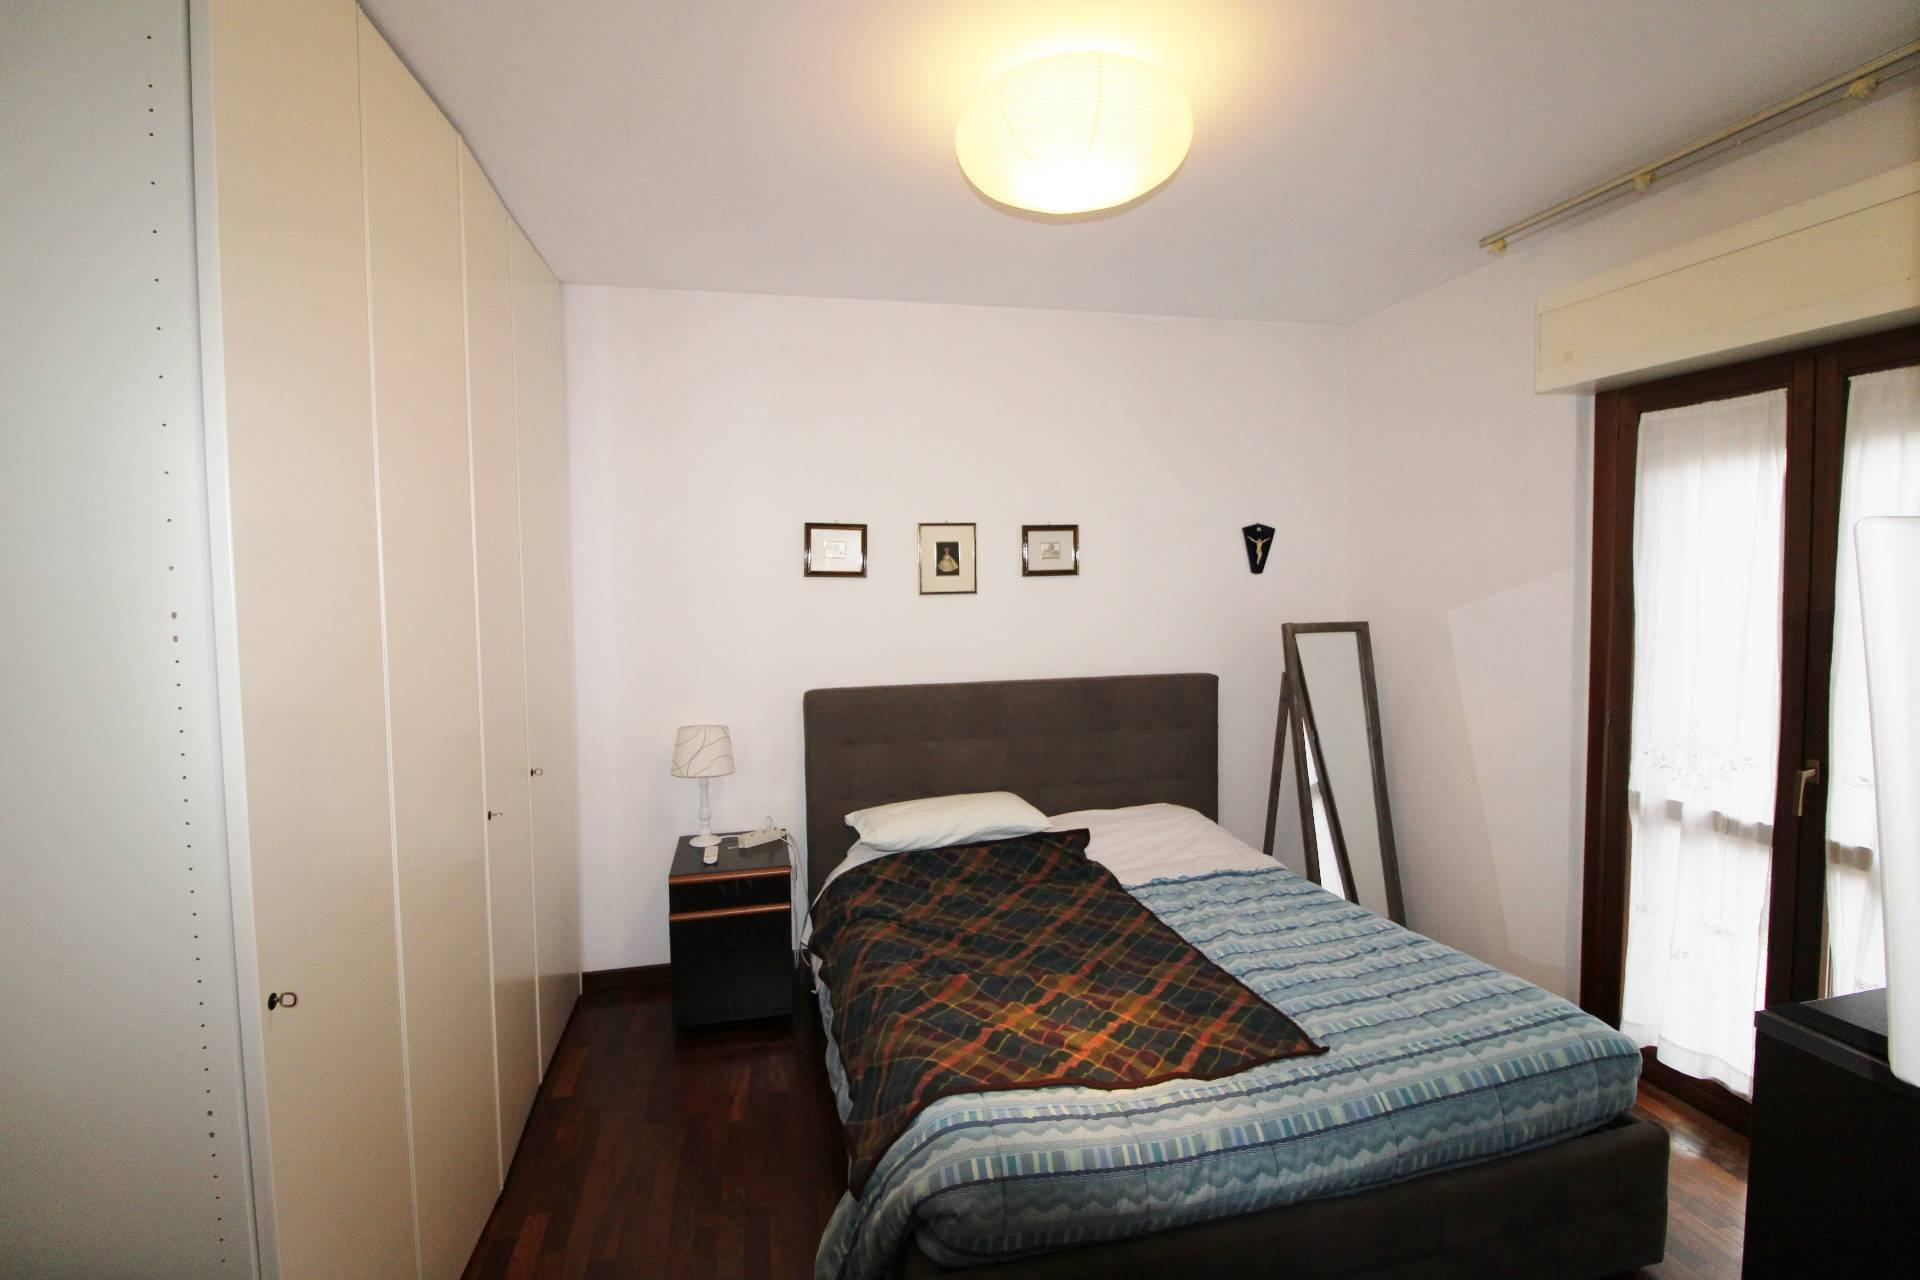 Appartamento in vendita a San Benedetto del Tronto, 3 locali, zona Località: CENTRALE(versosud, prezzo € 170.000 | PortaleAgenzieImmobiliari.it